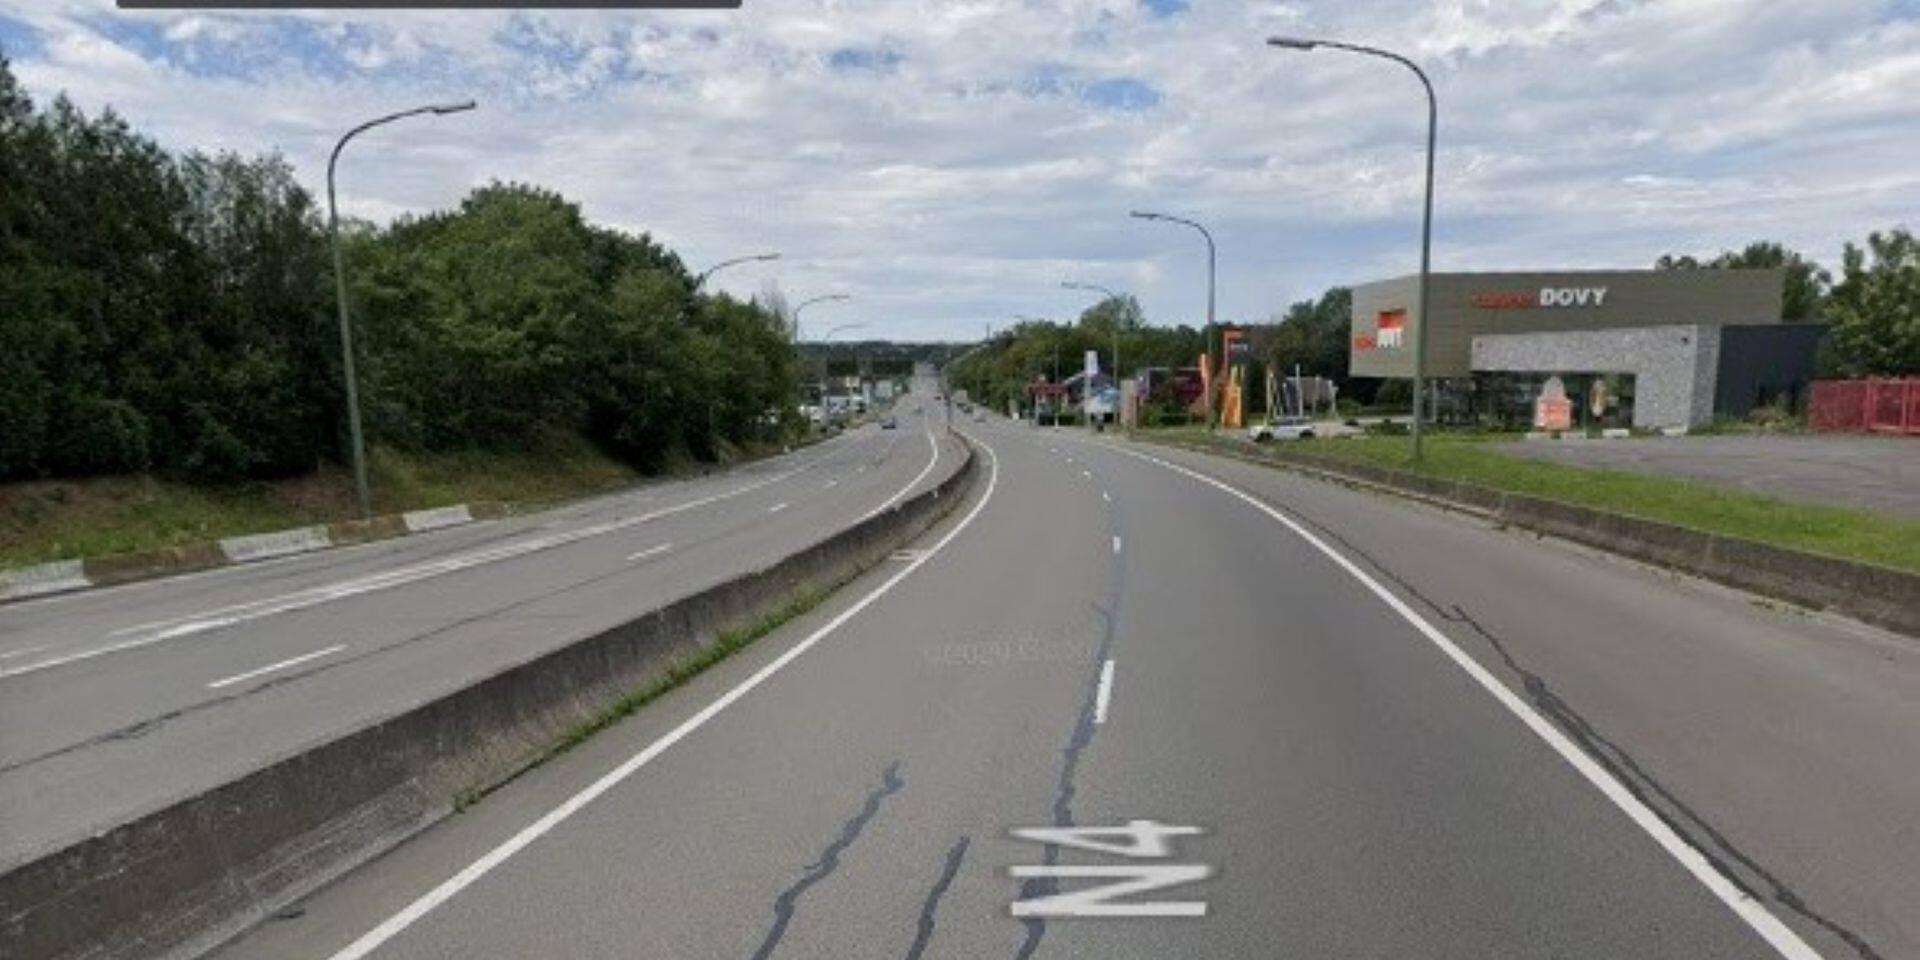 Accident sur la N 4 près de Marche-en-Famenne : deux blessés légers